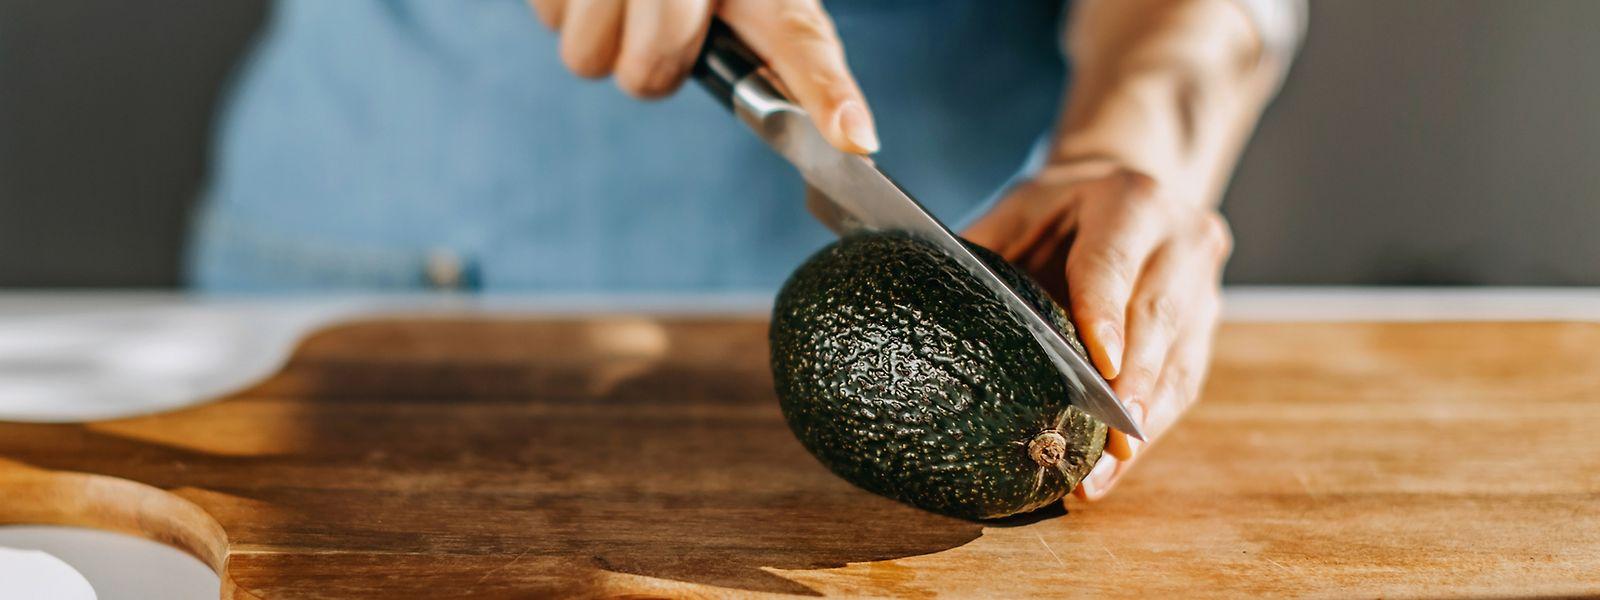 """Einer Studie zufolge gibt es in den USA jährlich rund 8.000 """"Avocado-Opfer""""."""